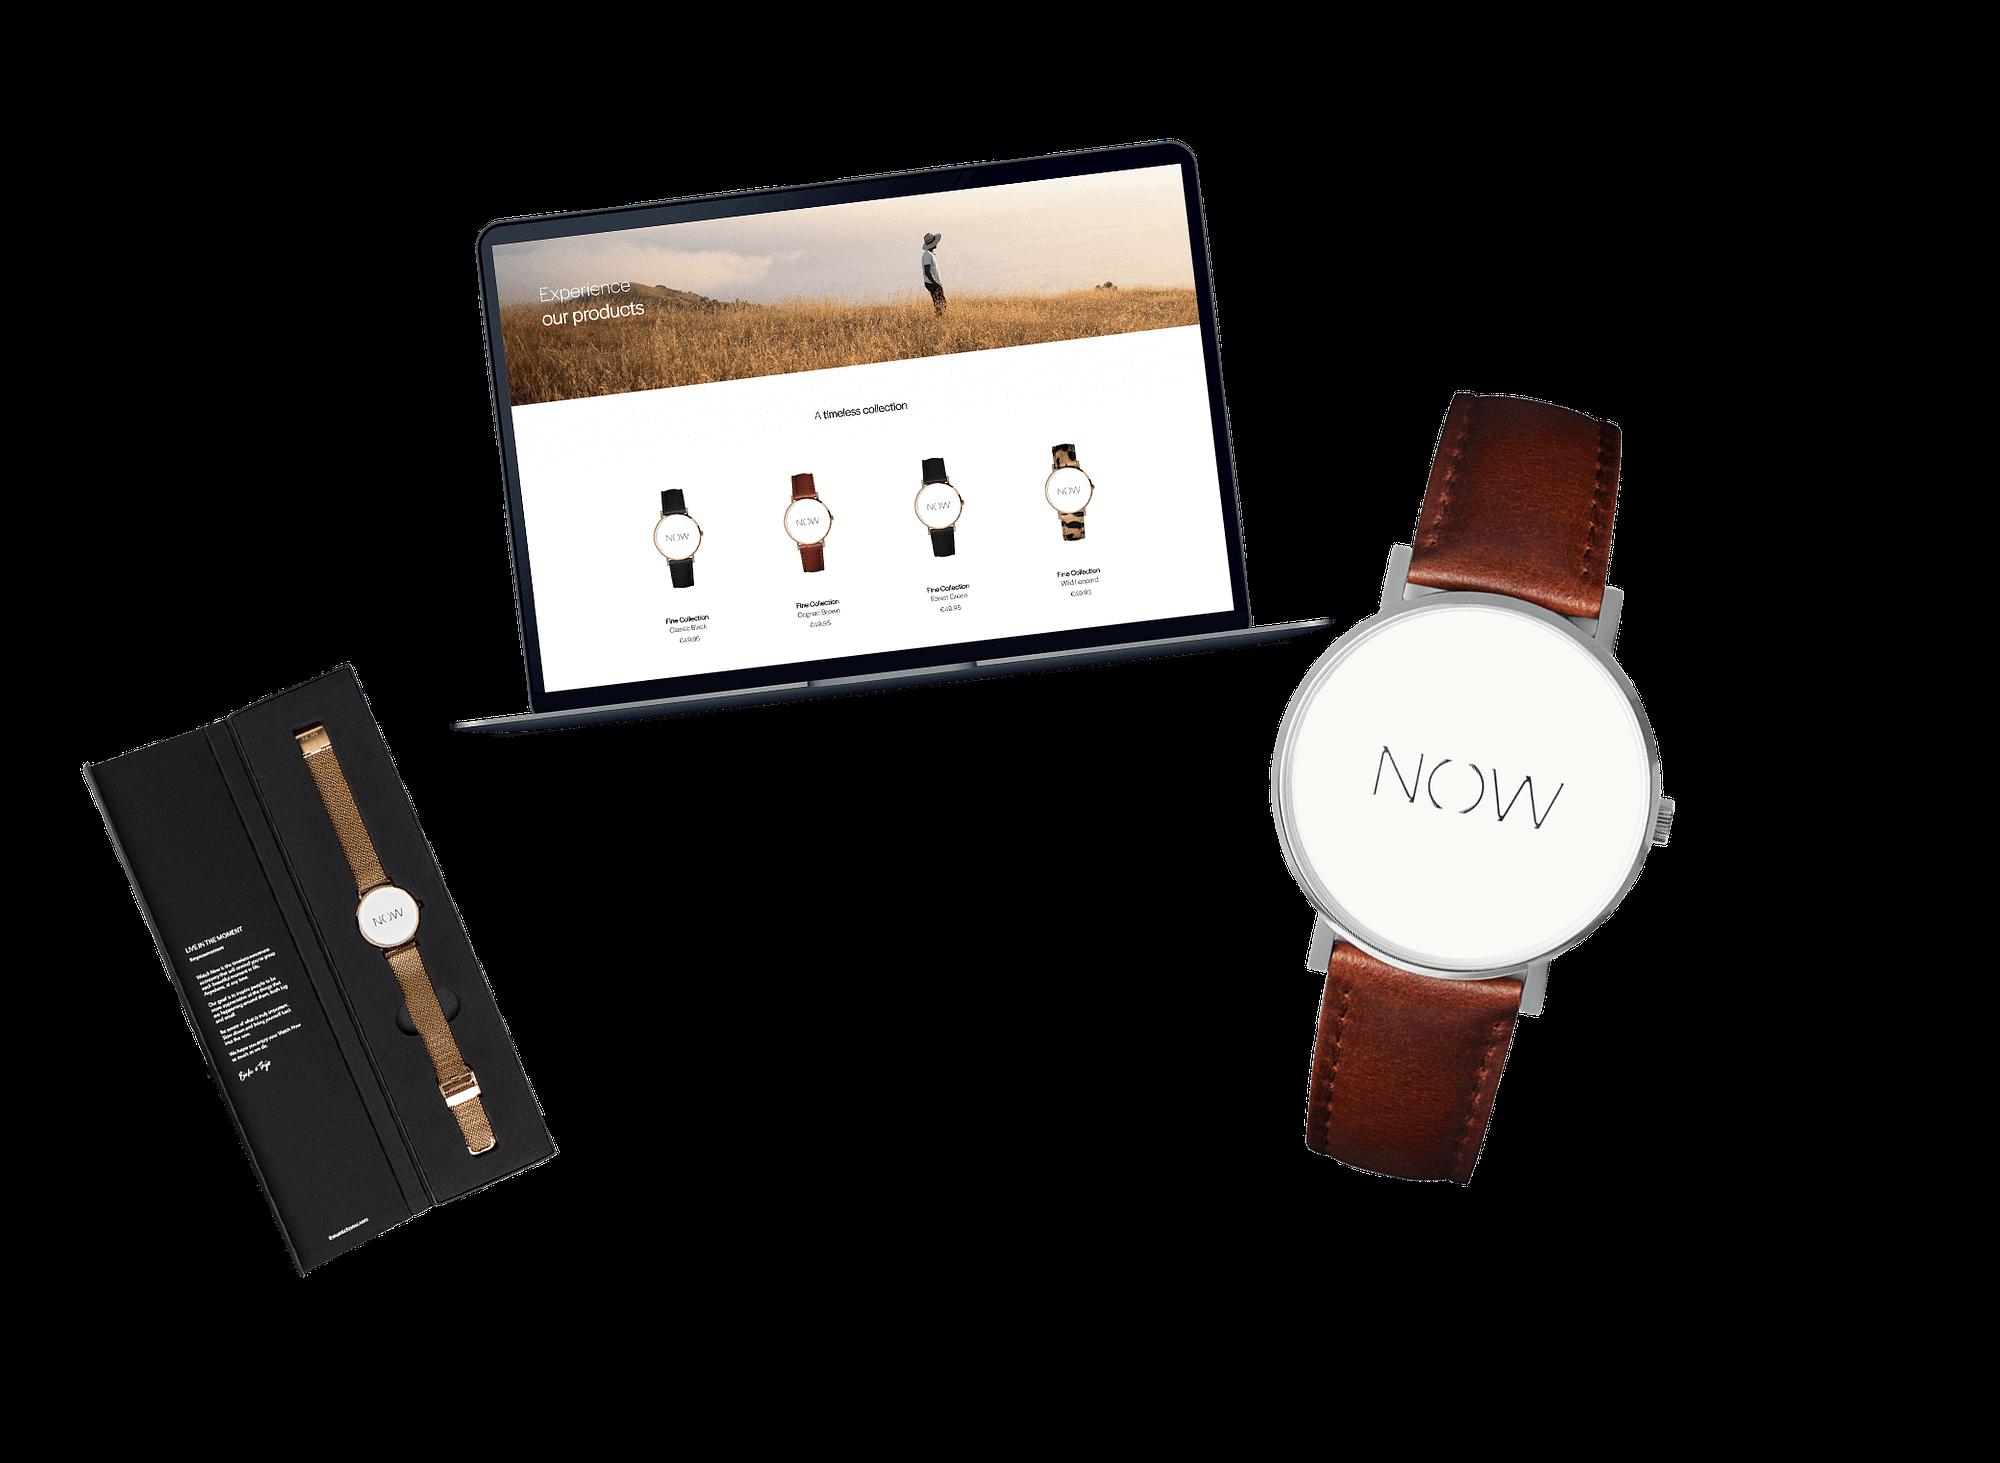 The Watch Now horloge naast een laptop met de website